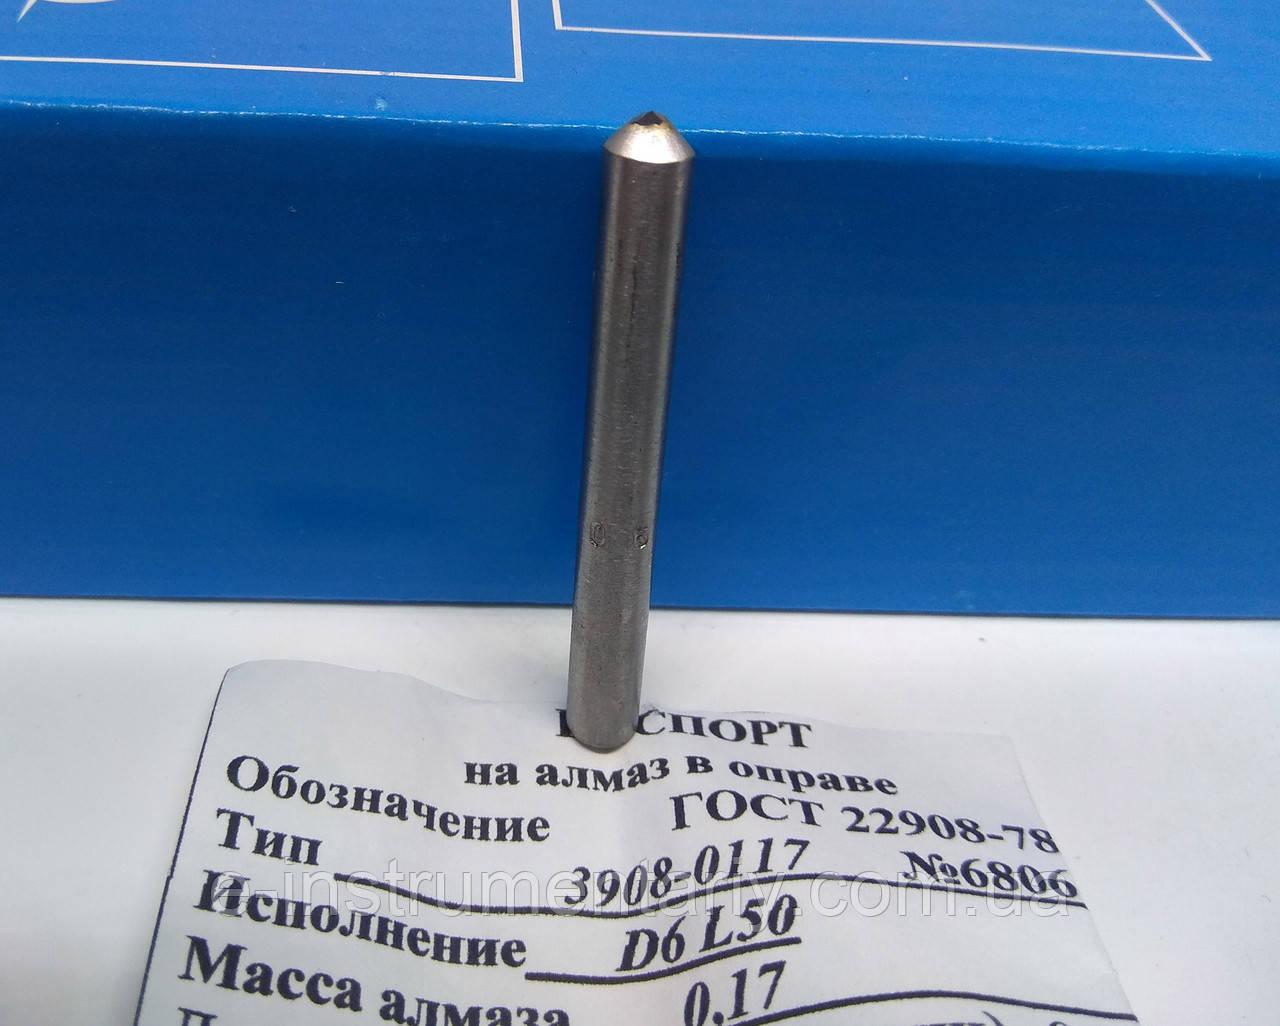 Діамант в оправі (3908-0117) О6мм L=50мм(0,16-0,2 карат)